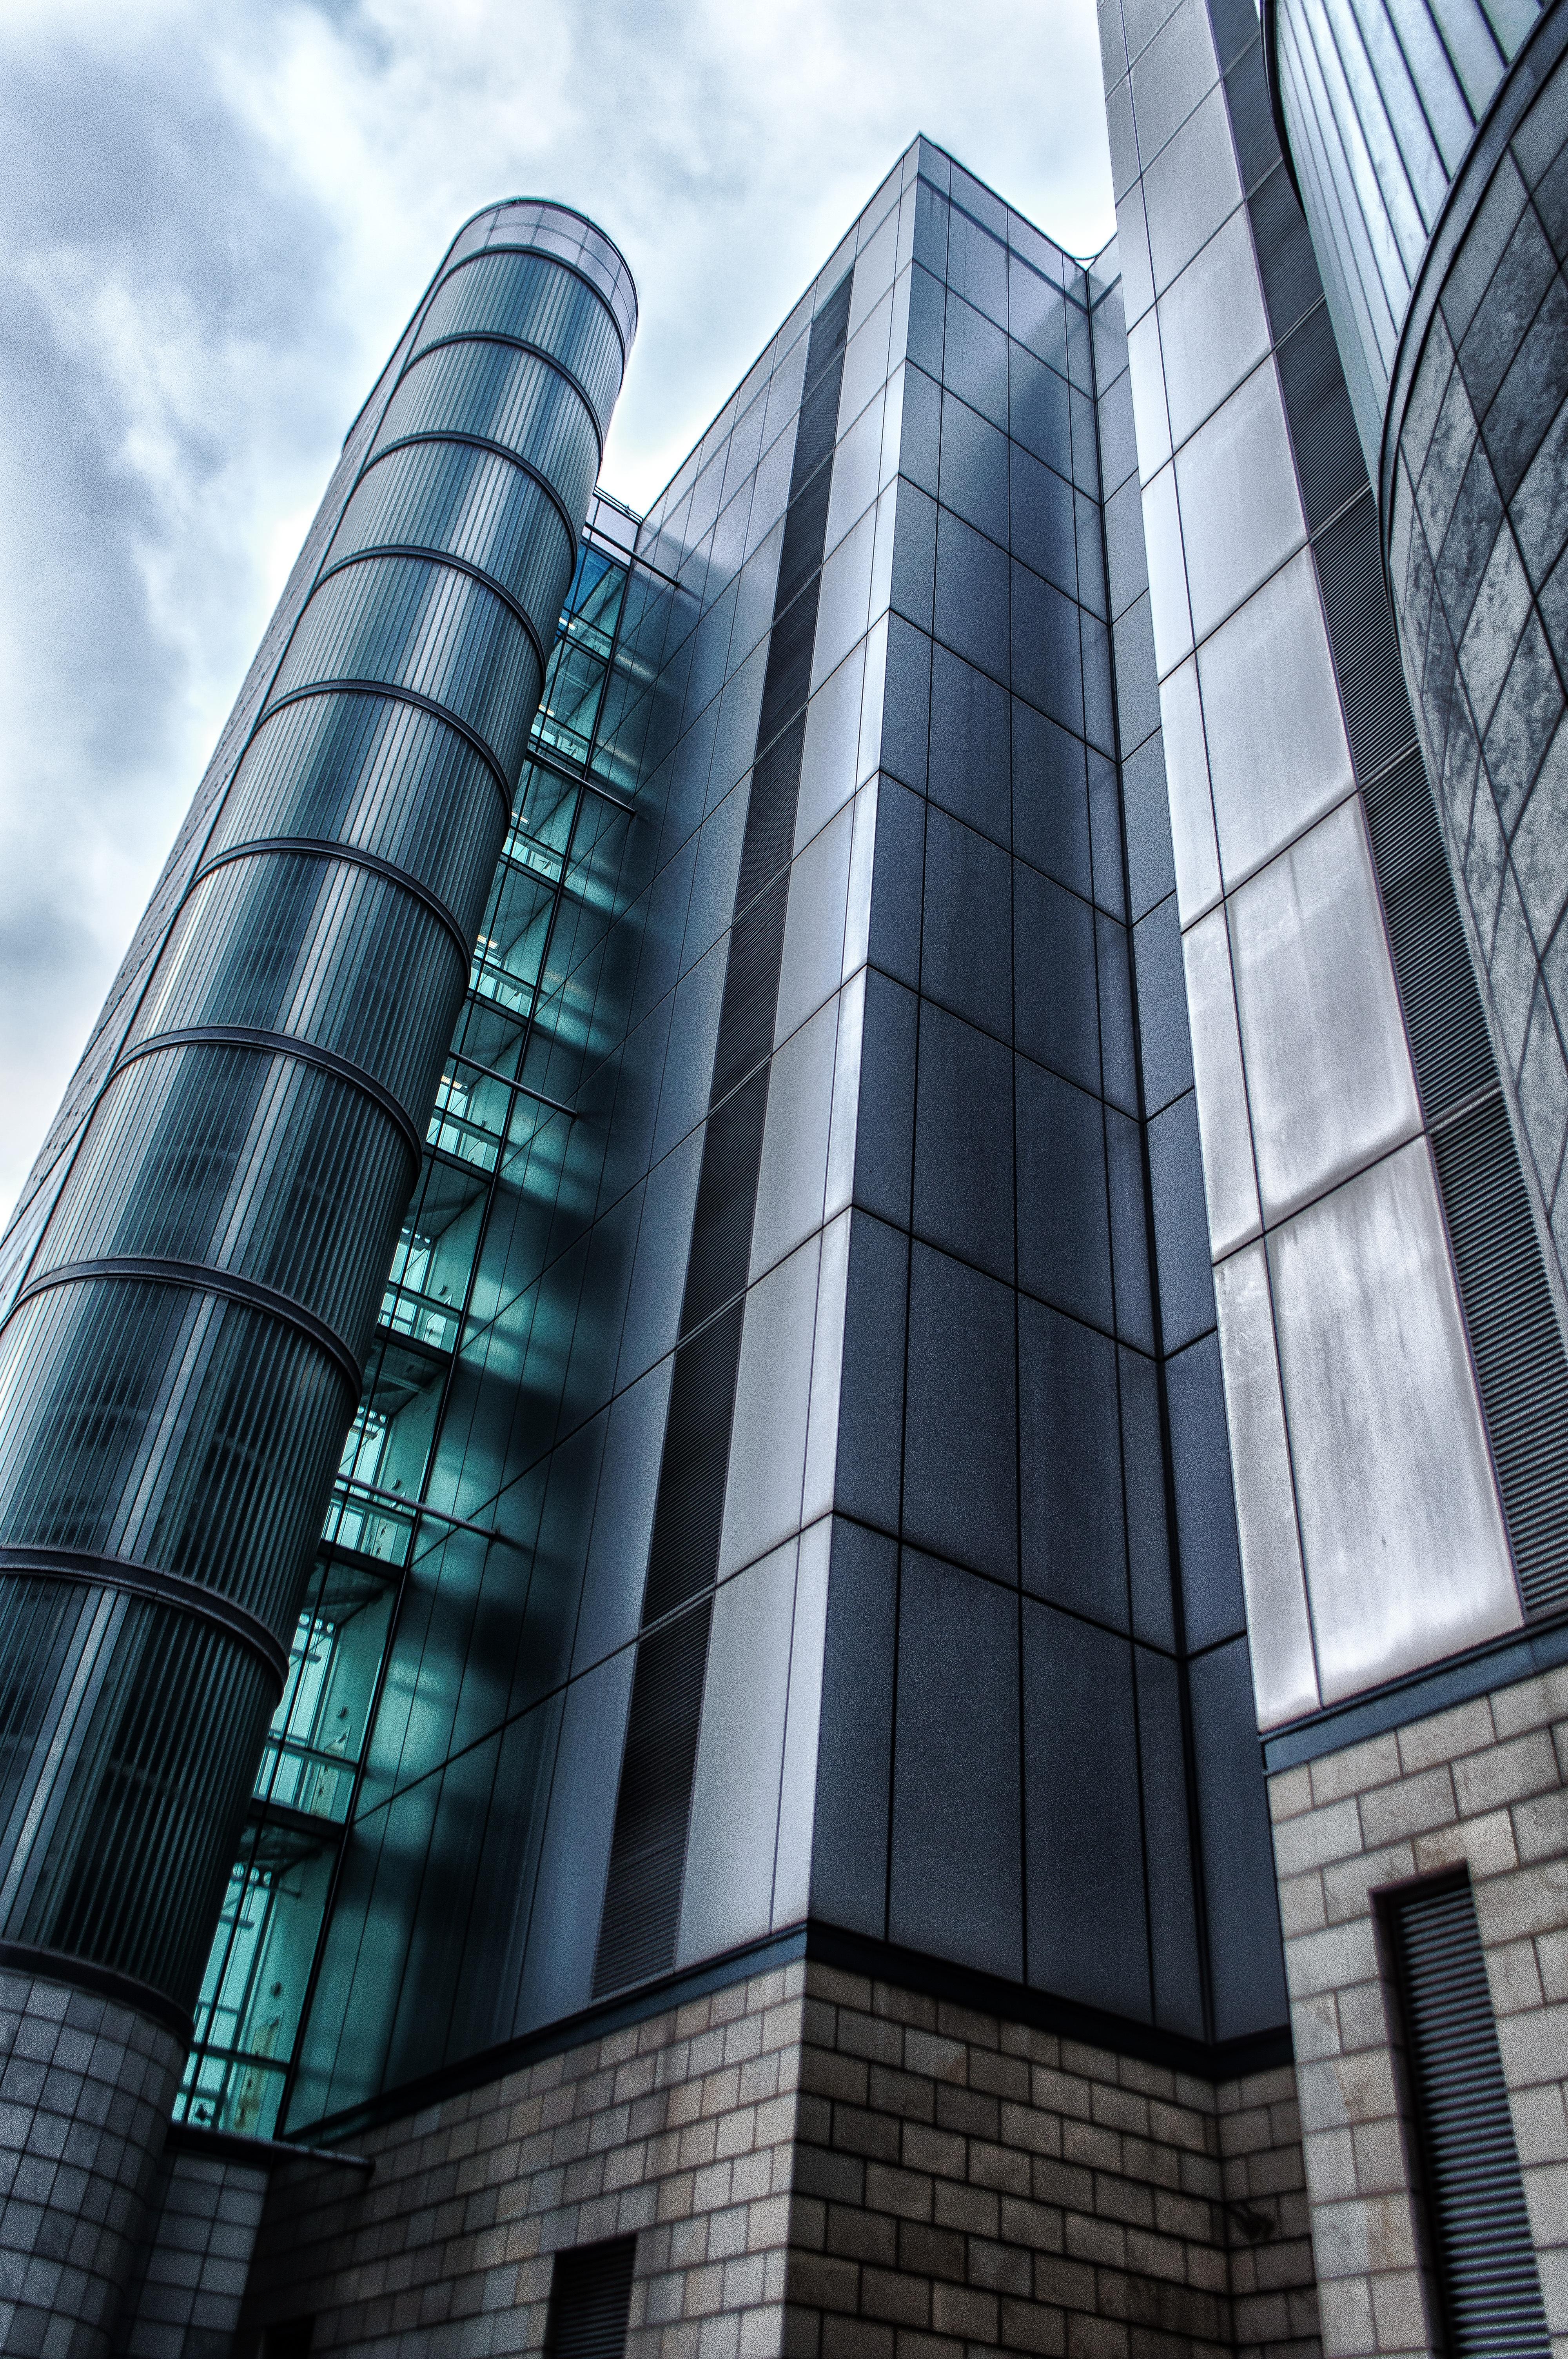 Stehlen Modern kostenlose foto die architektur glas gebäude wolkenkratzer